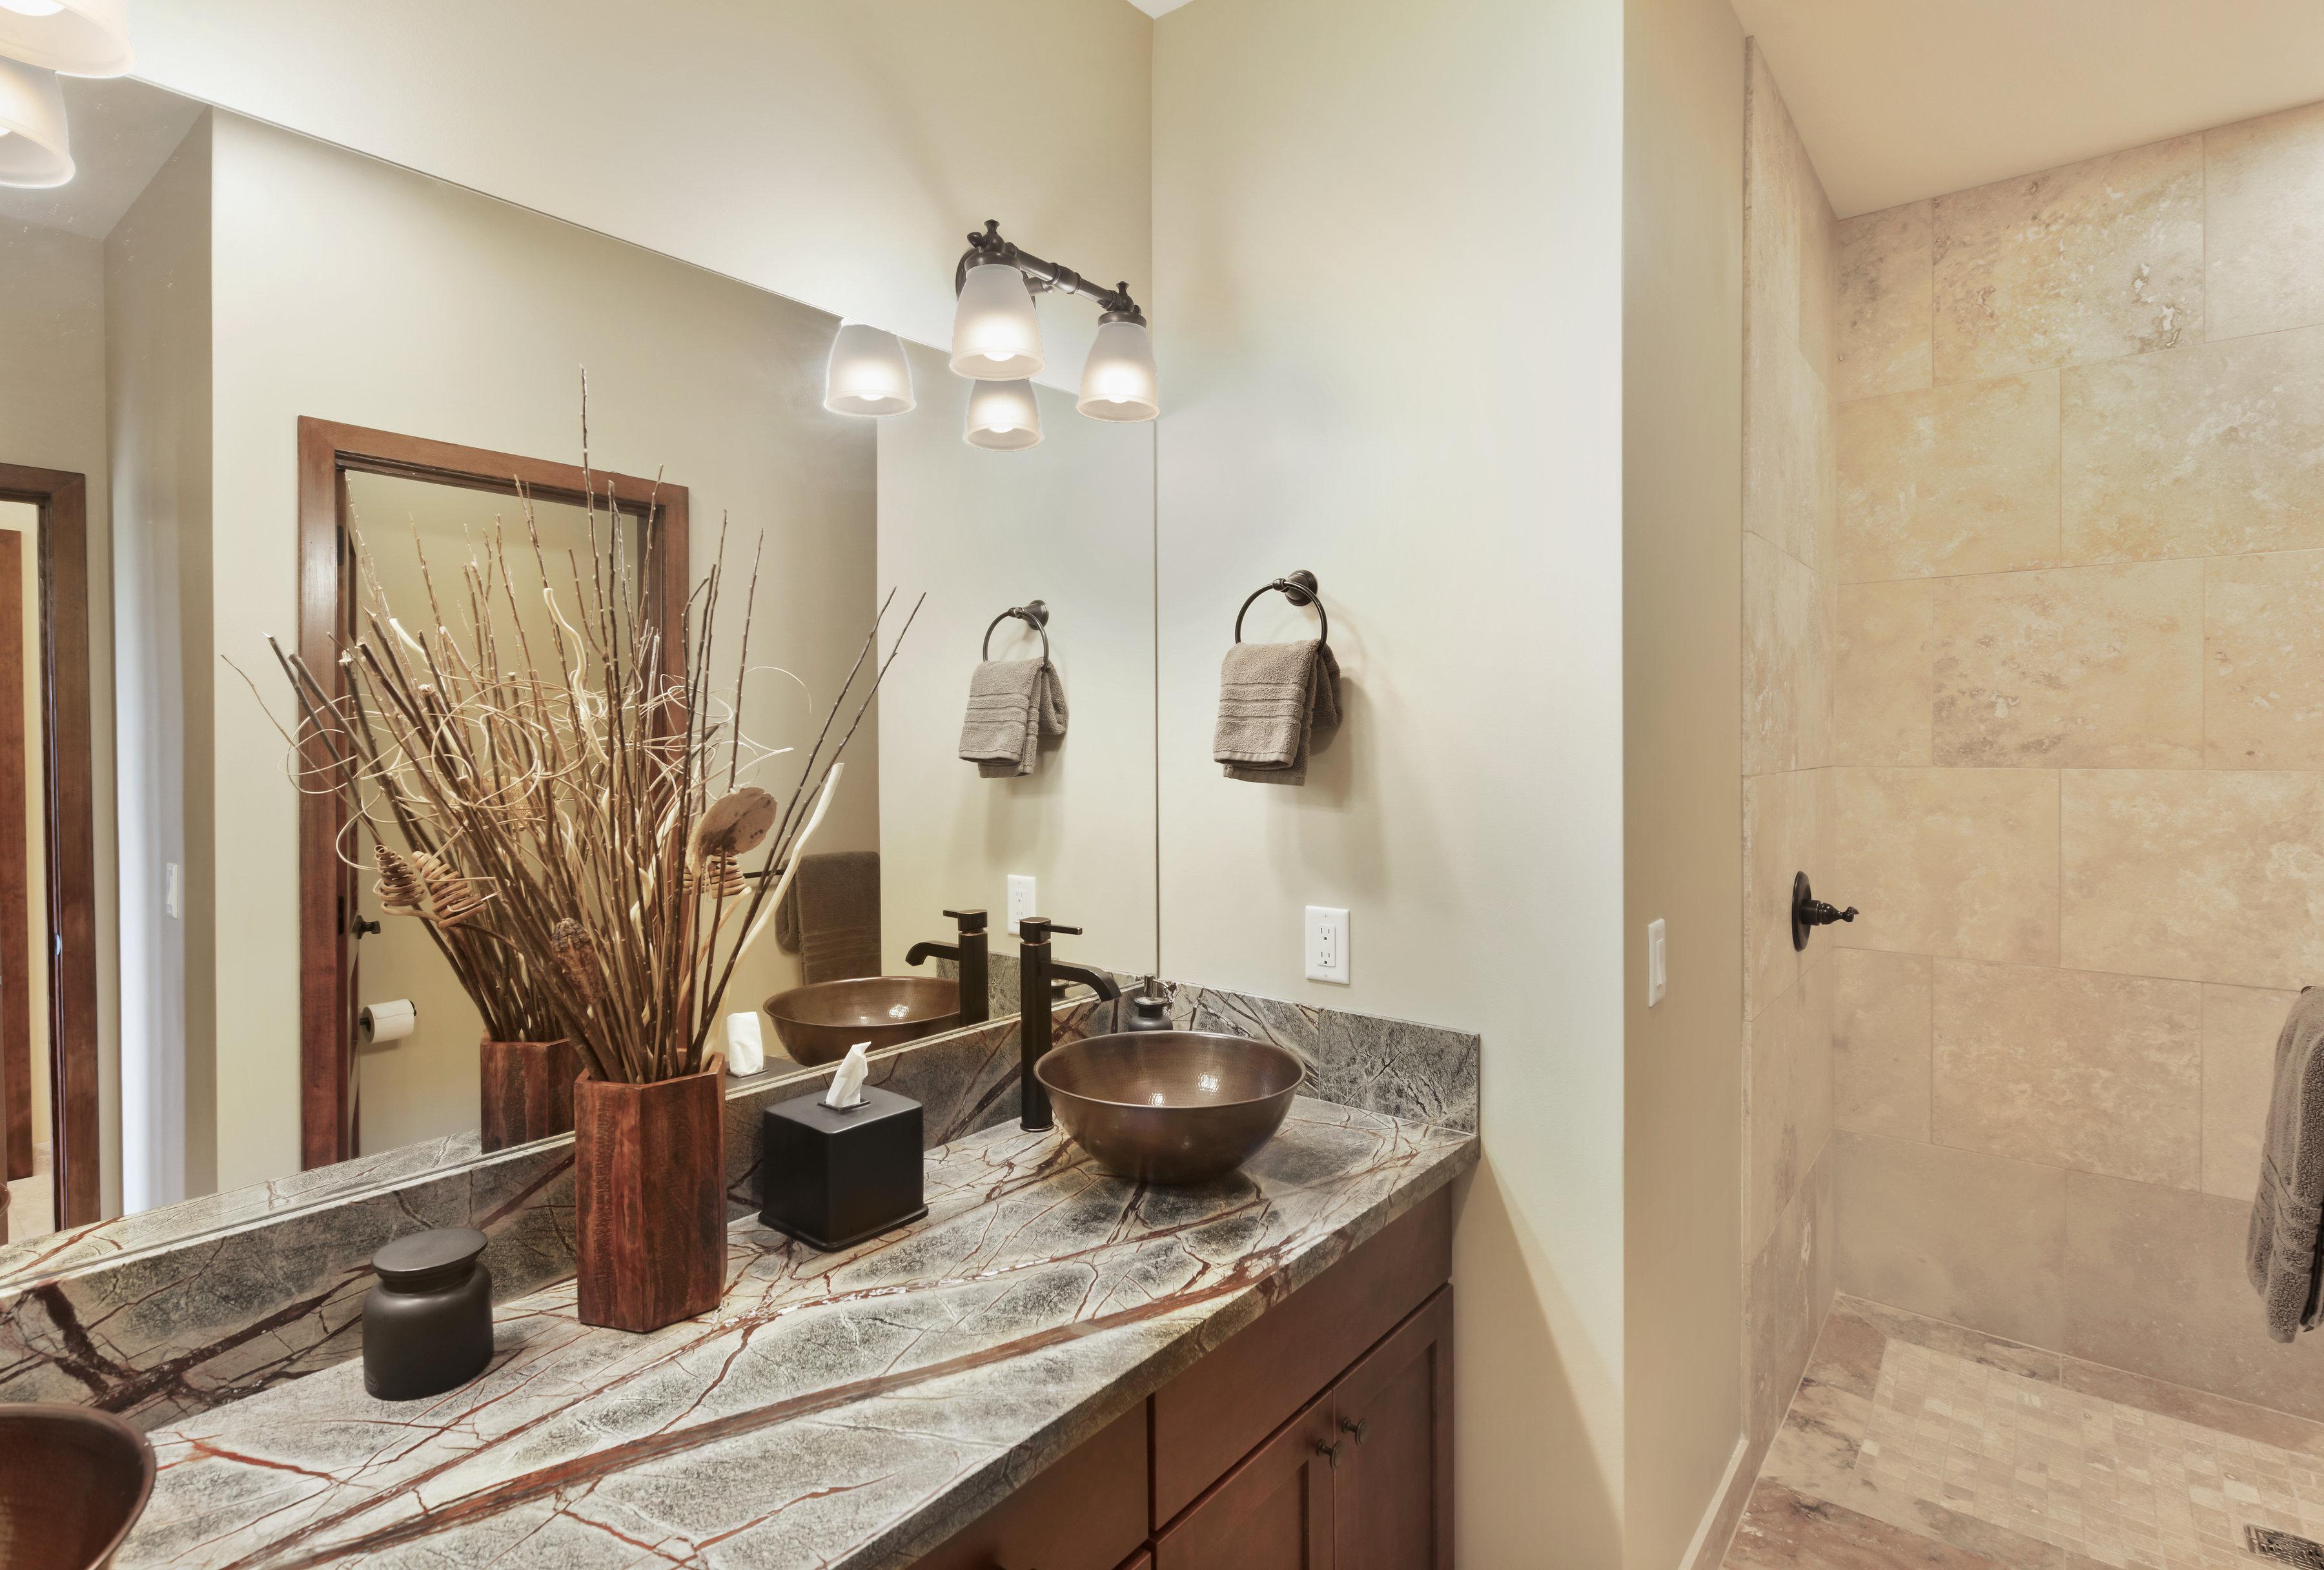 Queen bedroom bathroom with copper sinks.